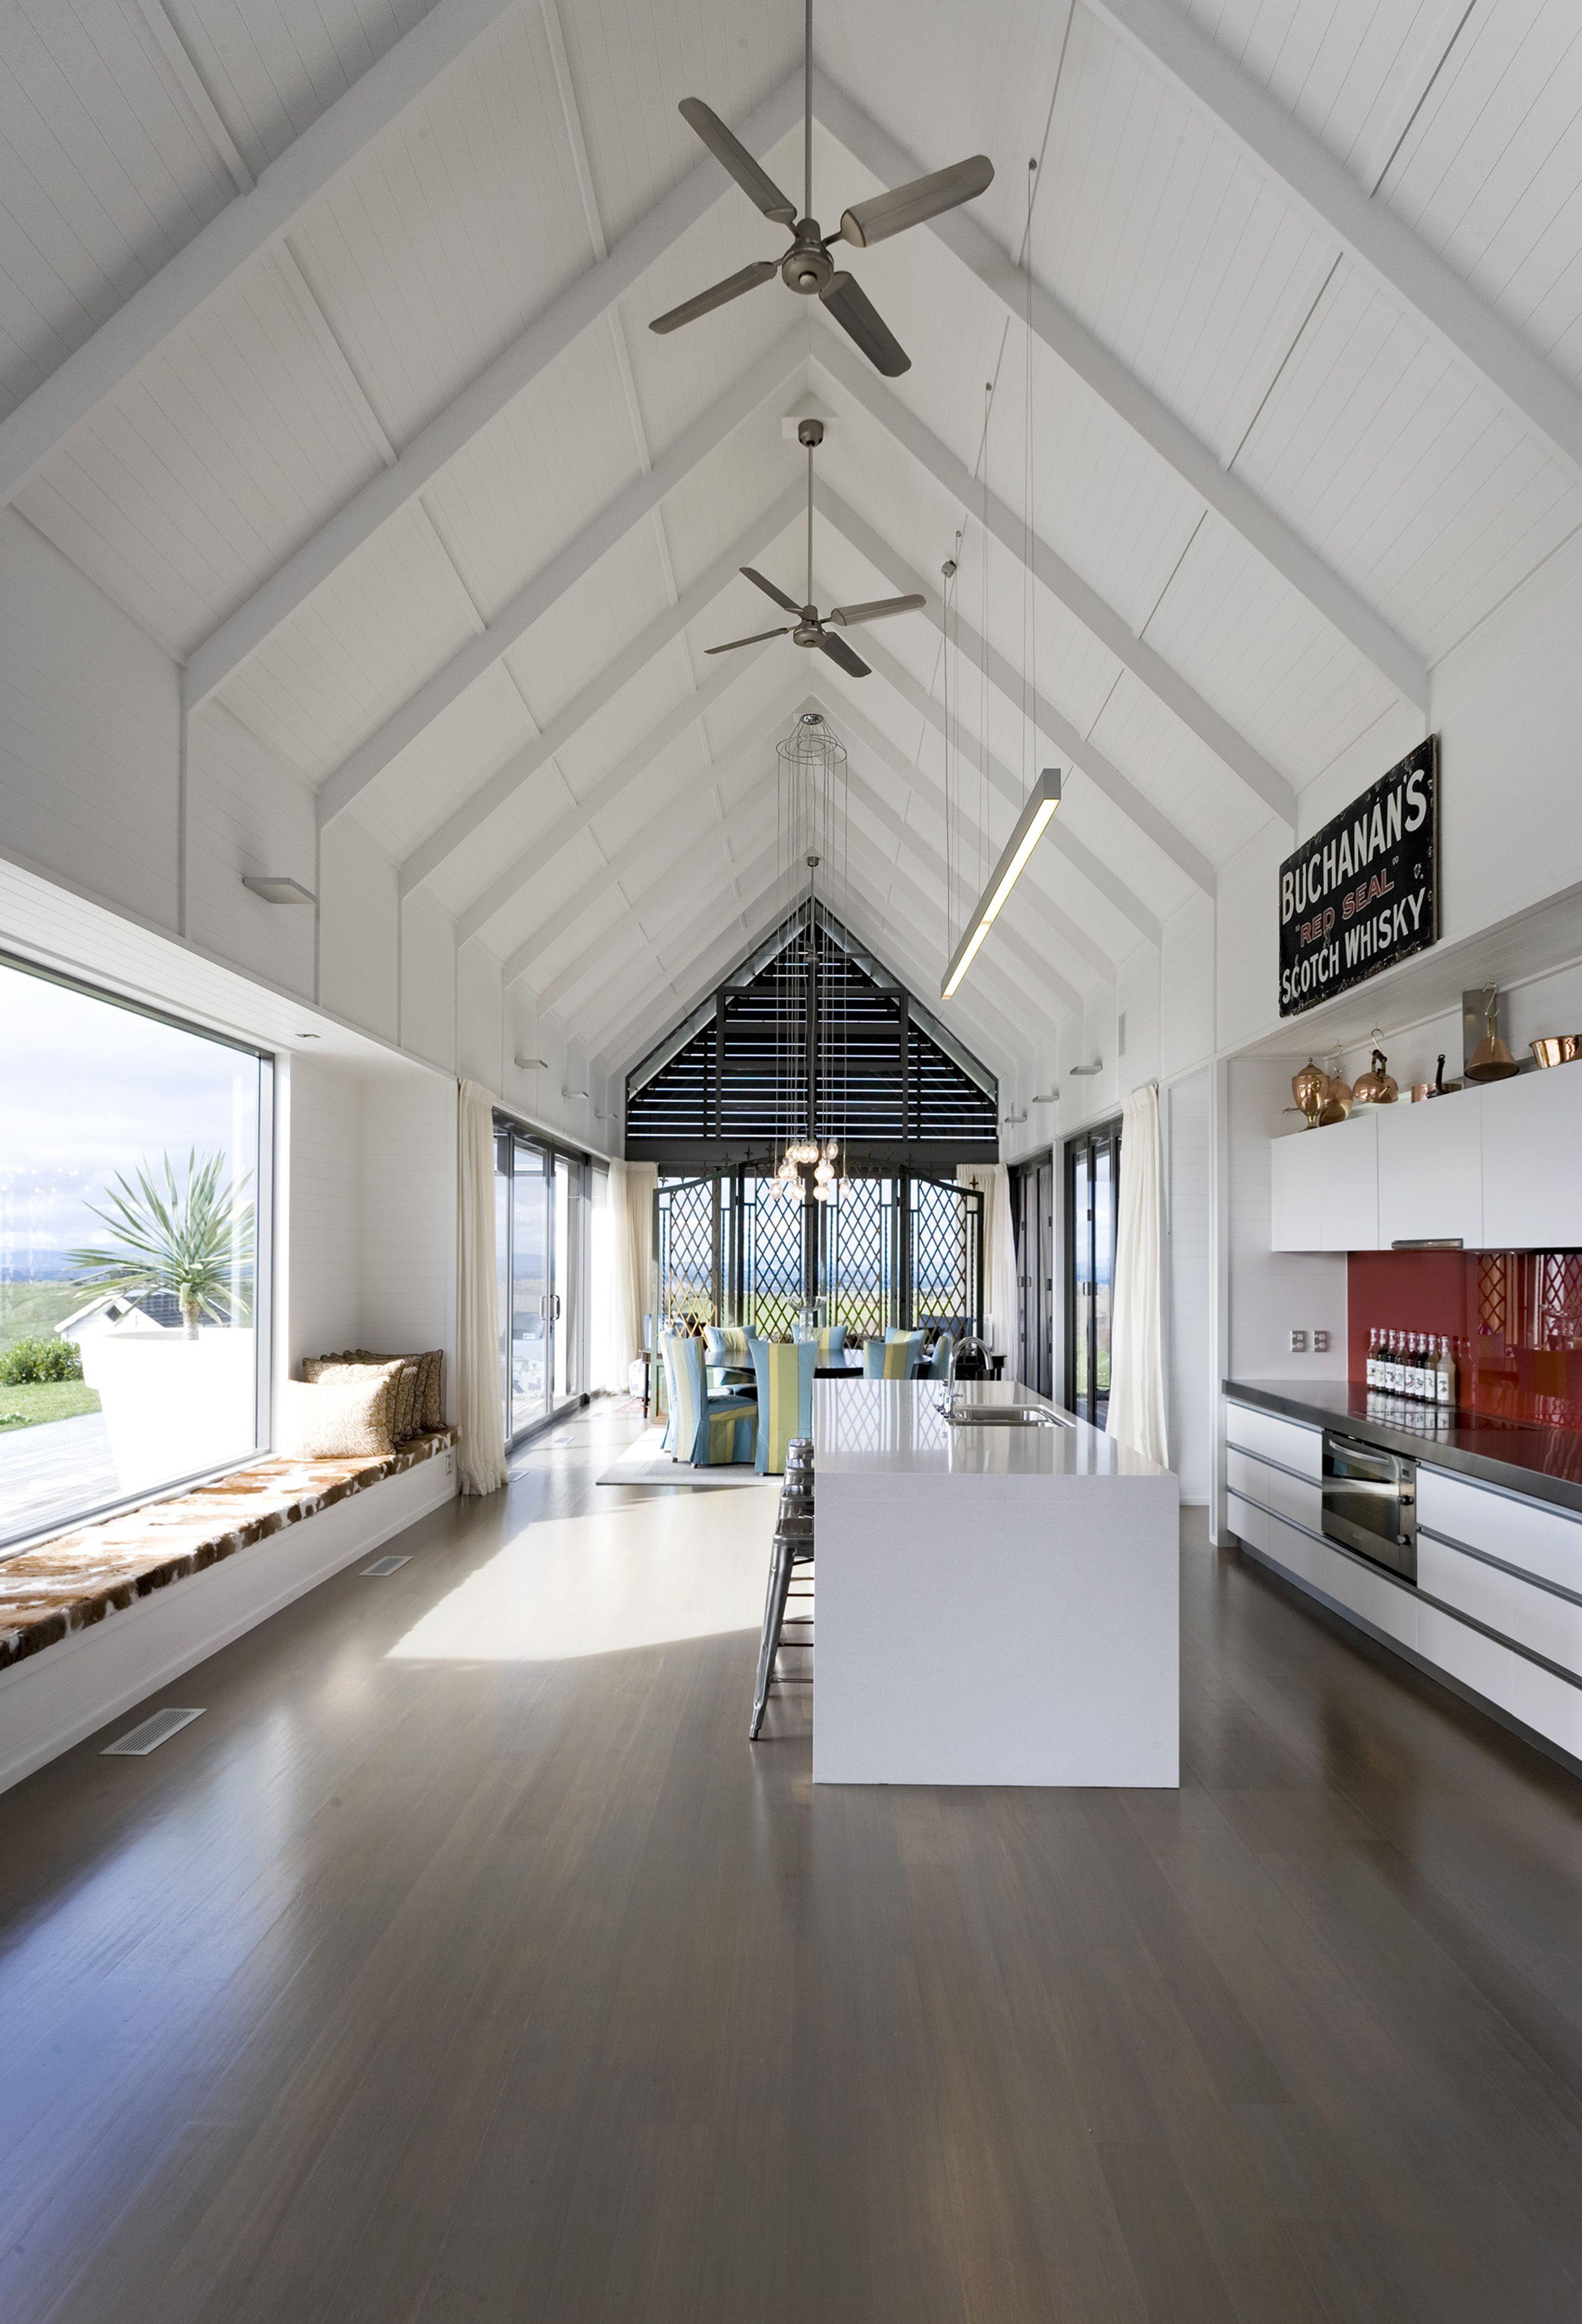 Design Bank Wit.Veel Wit Licht Ruimte Afwerking Binnenzijde Dak Vaste Bank Onder